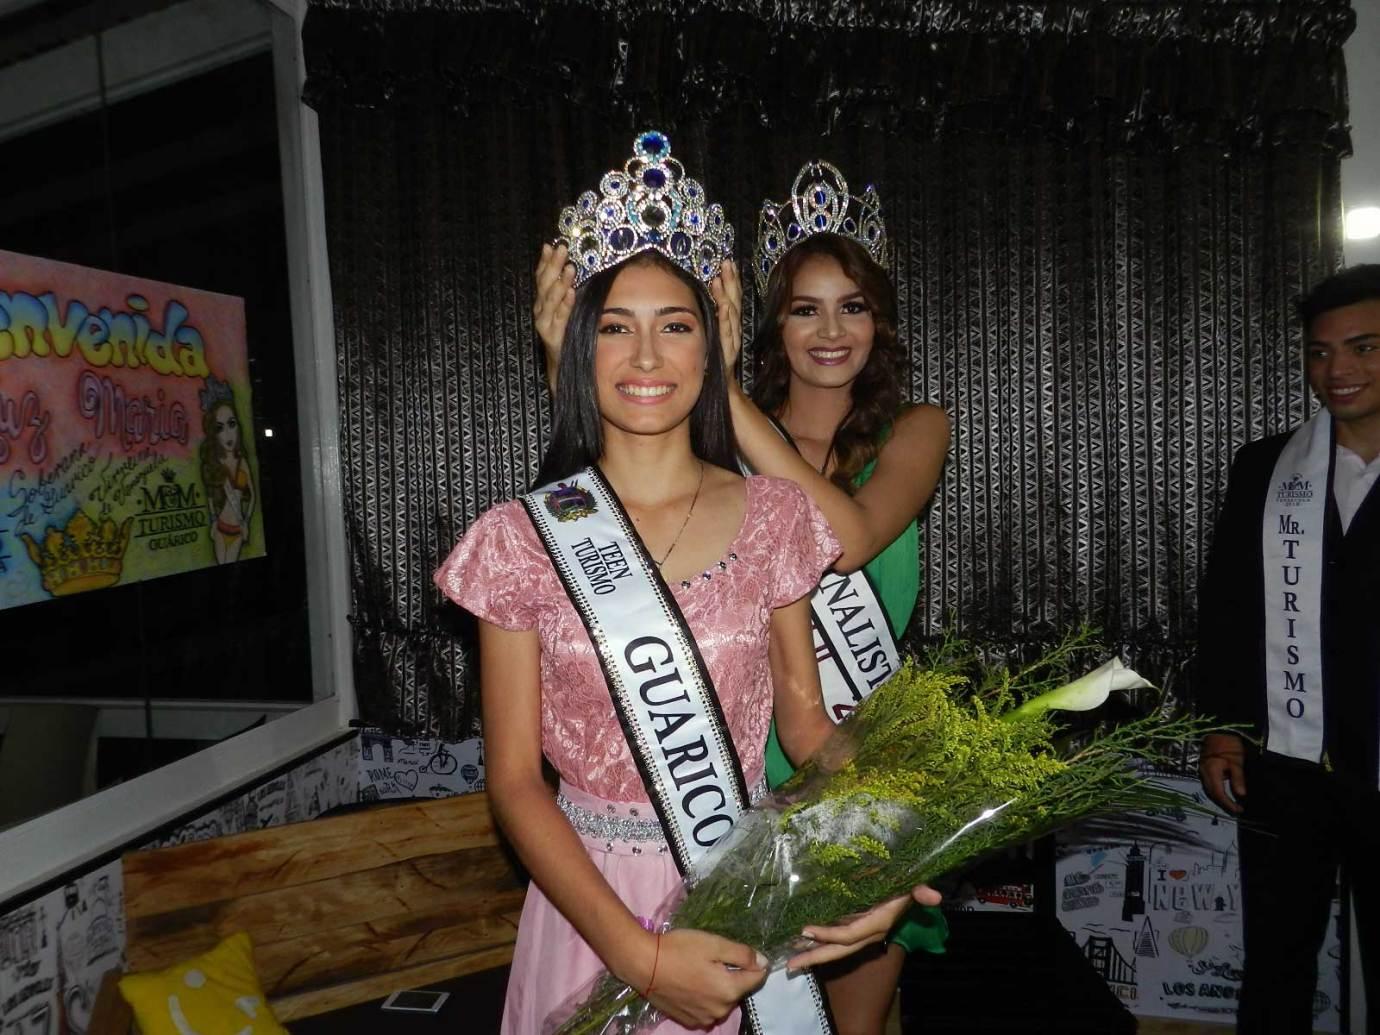 Fue propicia la ocasión para coronar a María Concepción García como Miss Teen Guárico 2018